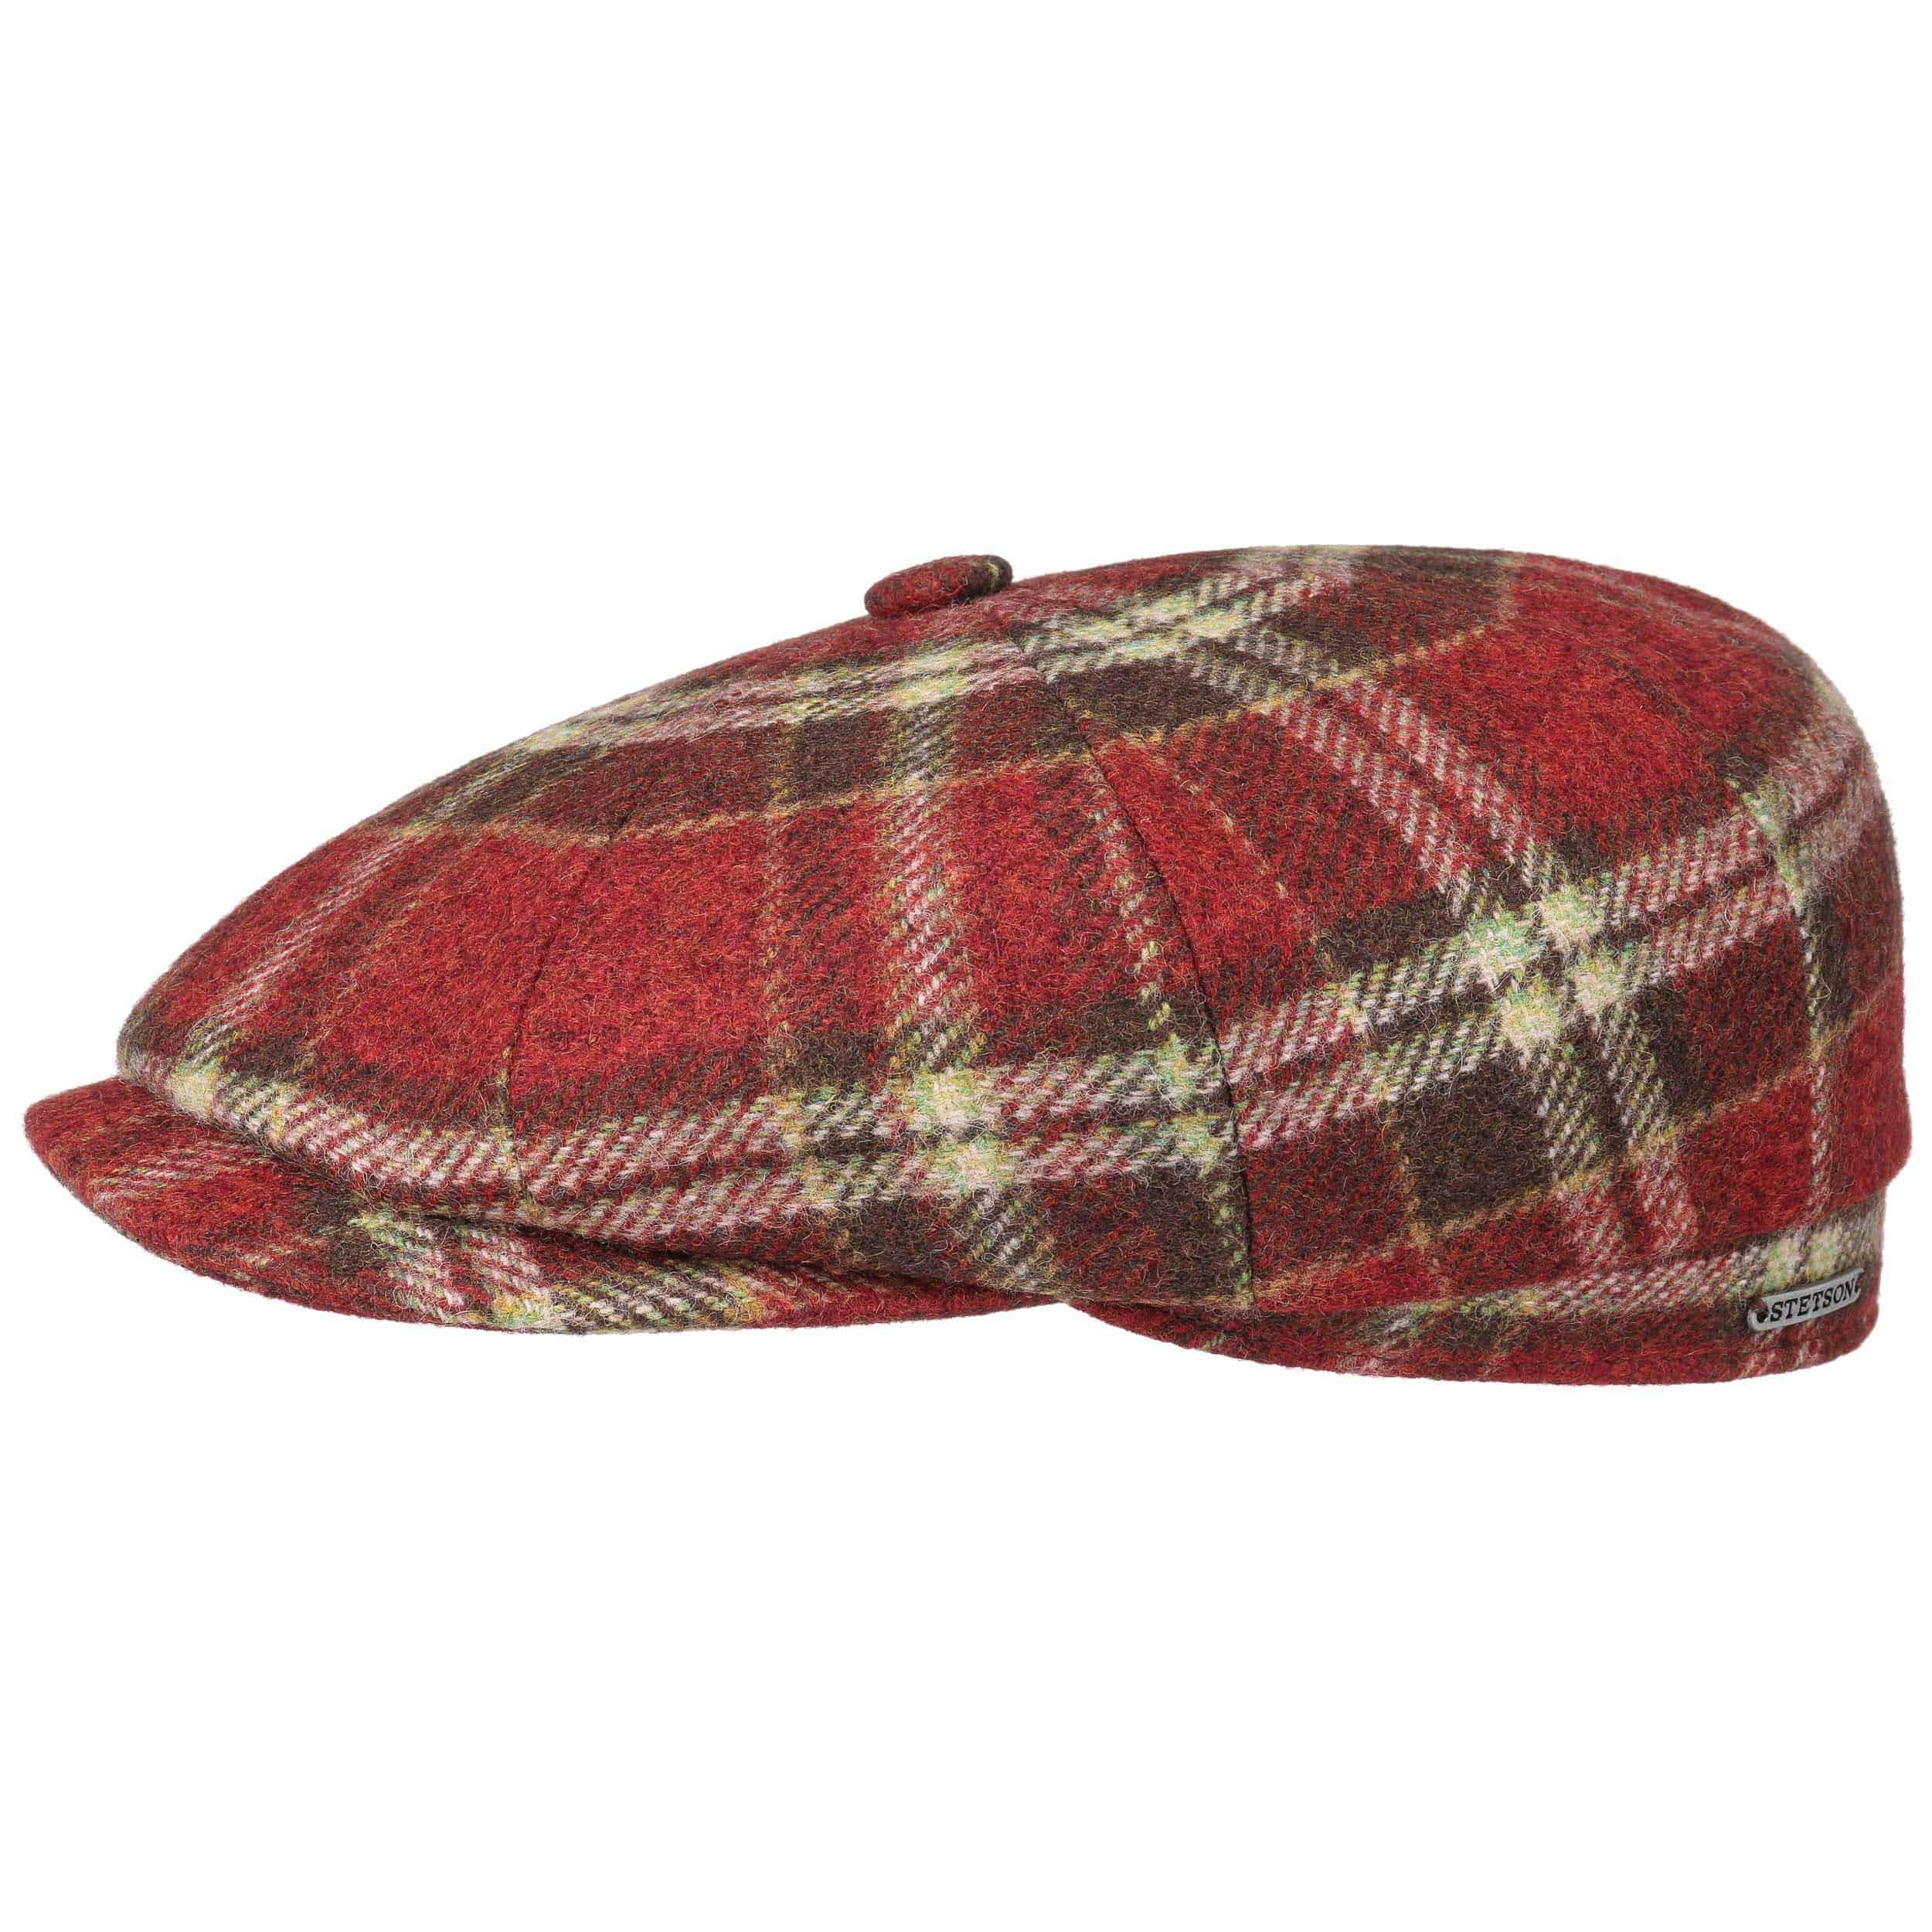 Casquette Hatteras Shetland Check by Stetson, EUR 79,00 --  Chapeaux ... 4fcead0f5d1